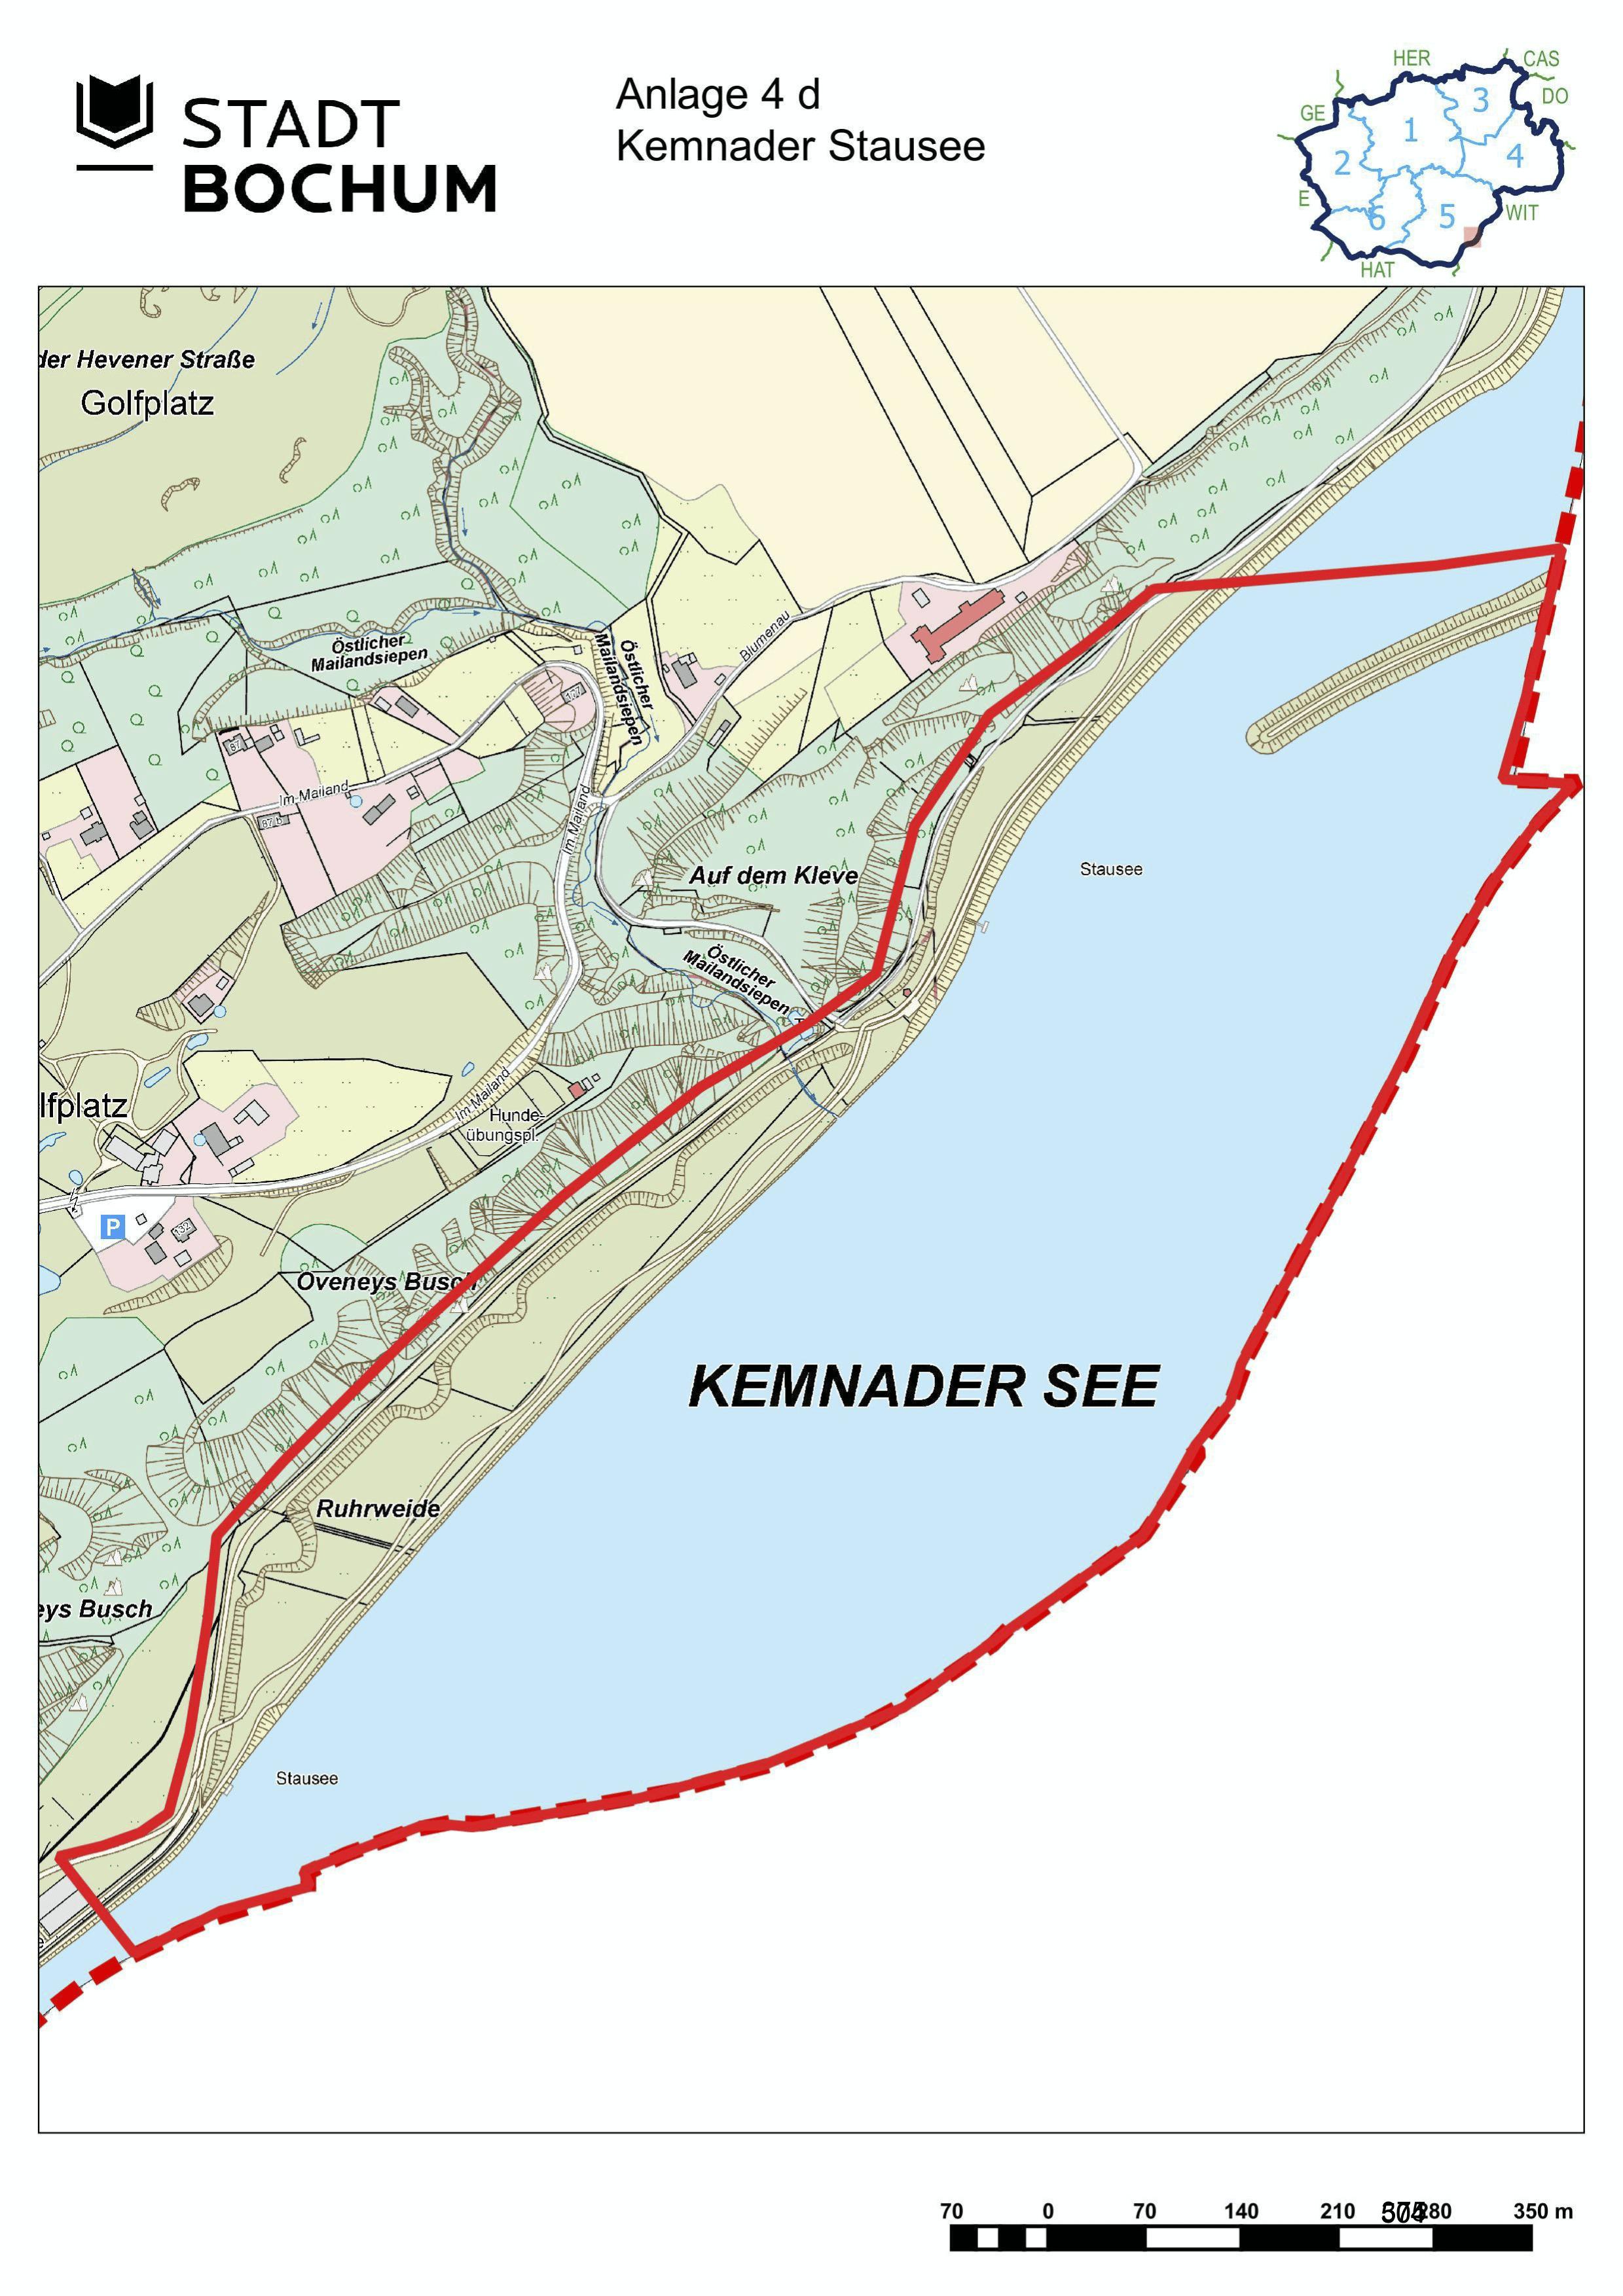 Anlage 4d (Kemnader See) der Sonderausgabe des Amtsblatts (28/2021)